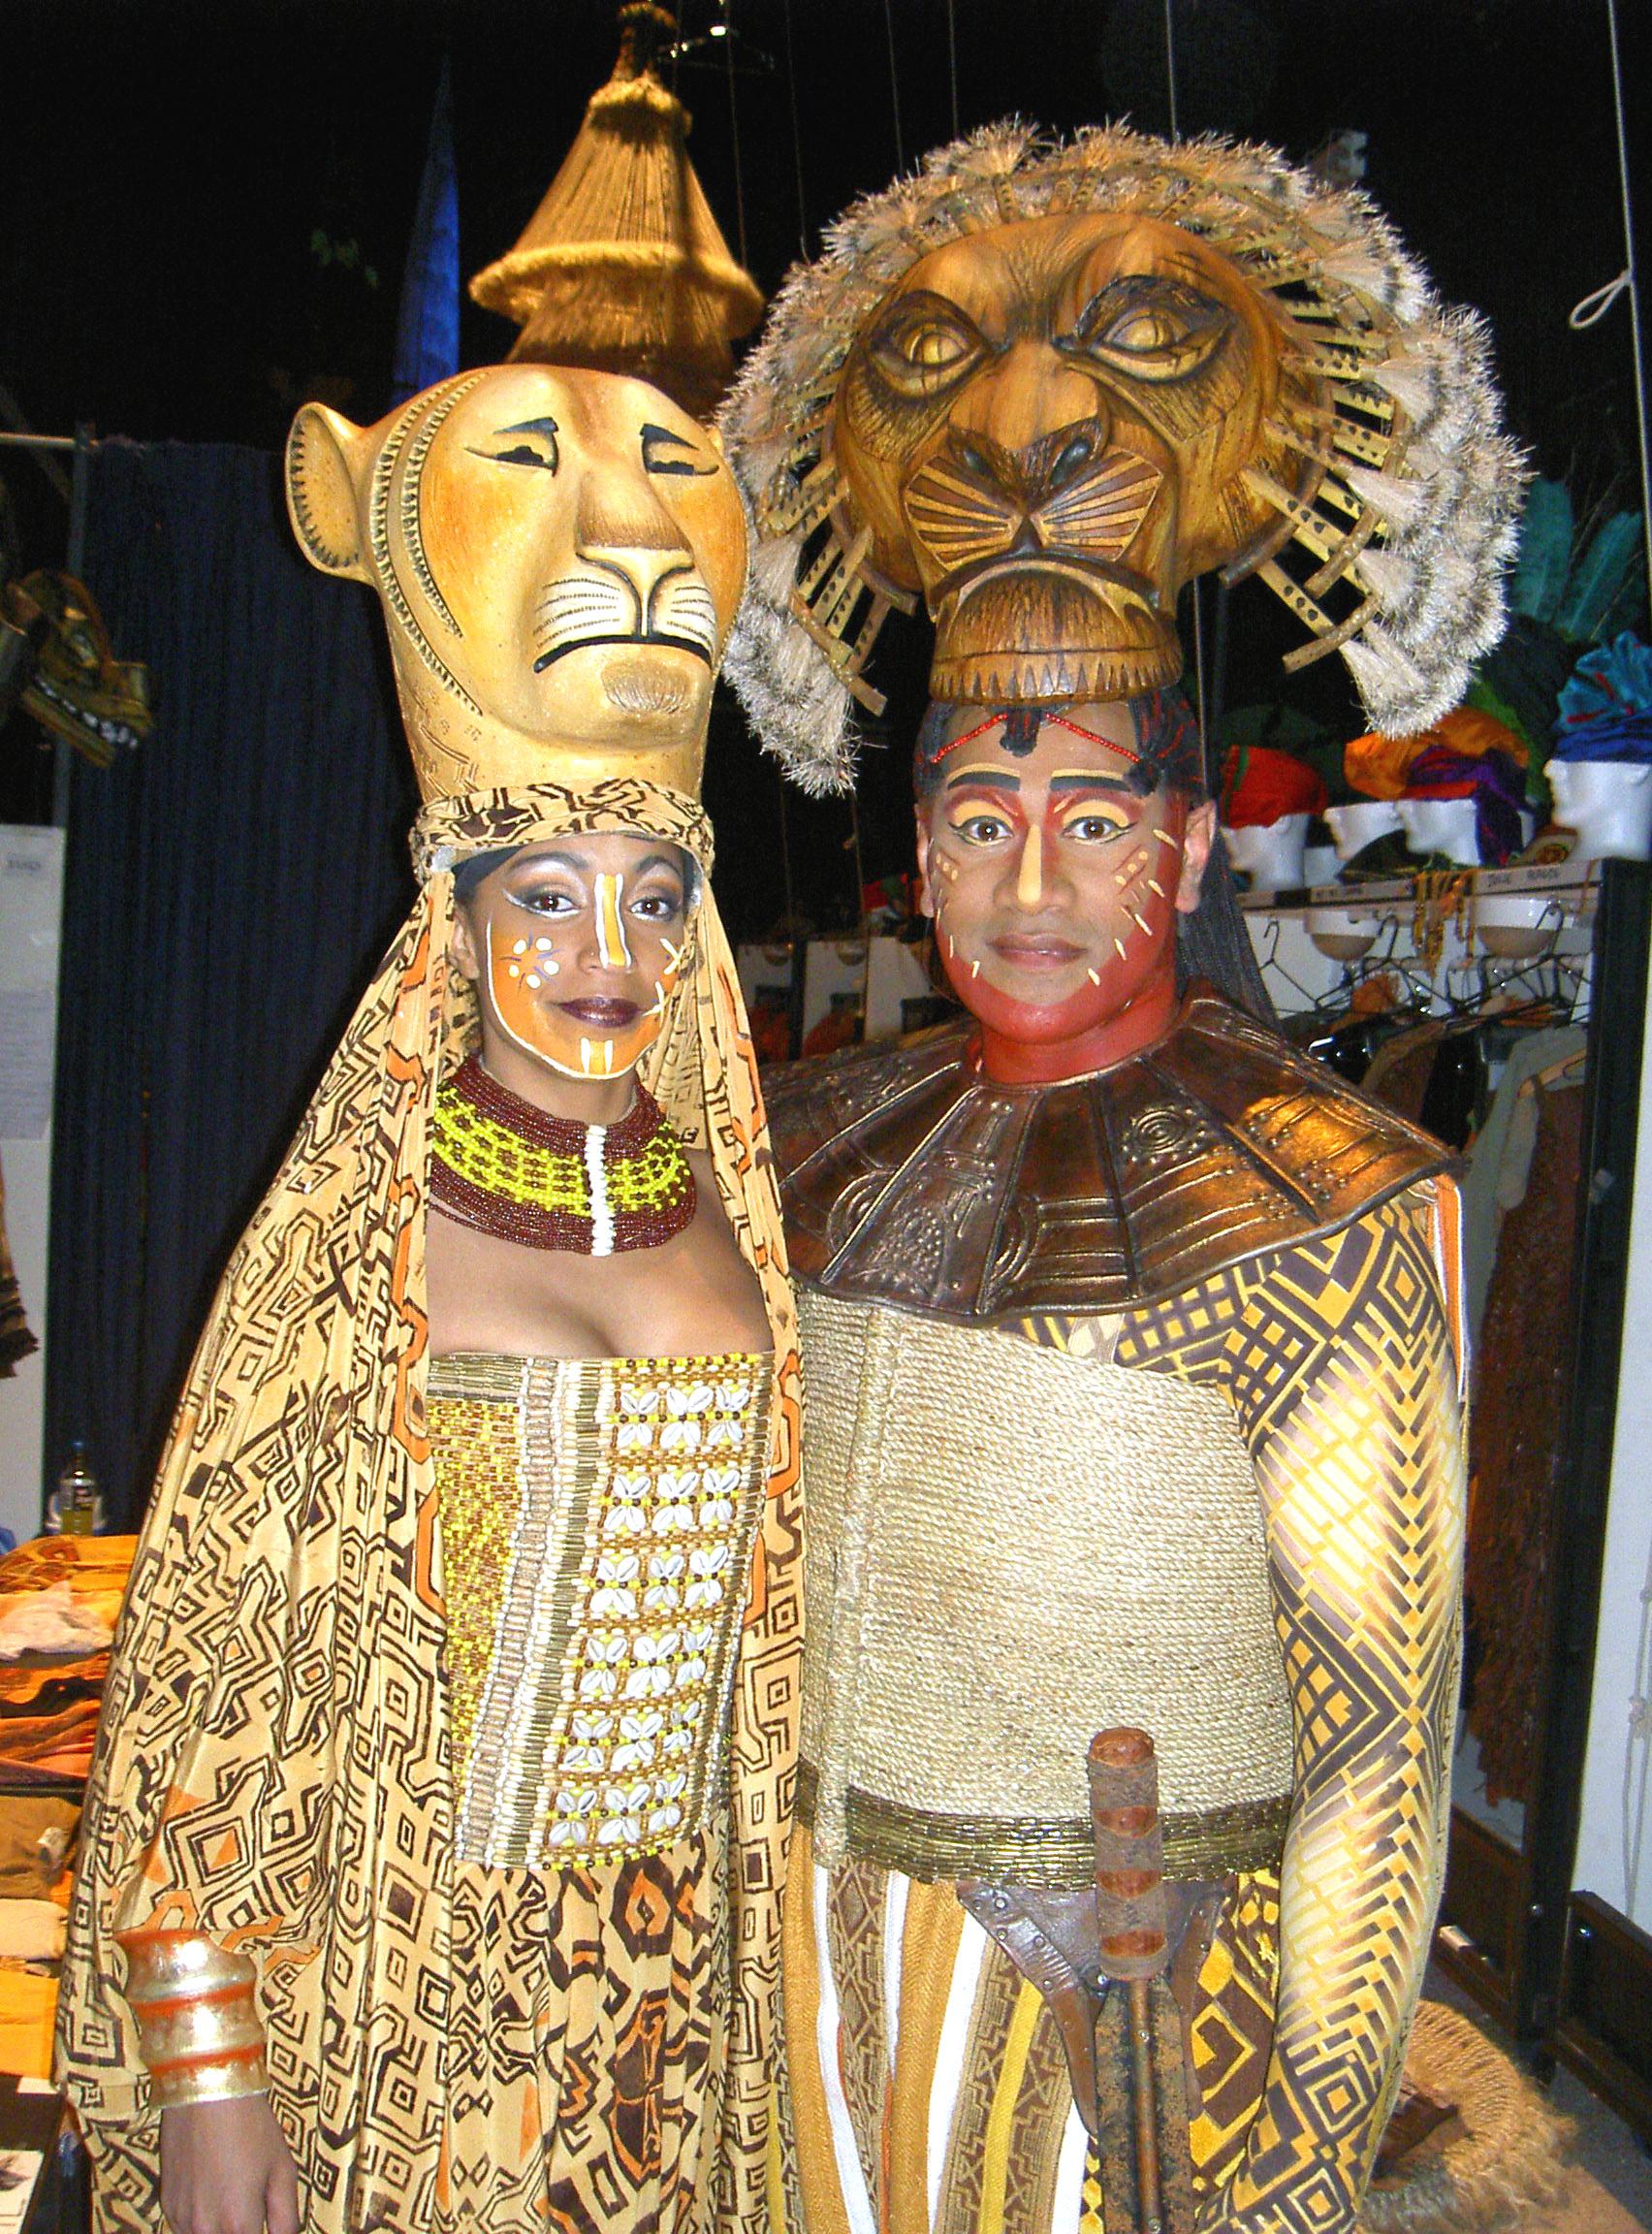 Lion King Broadway Sarabi Lion King Broadway Sarabi The